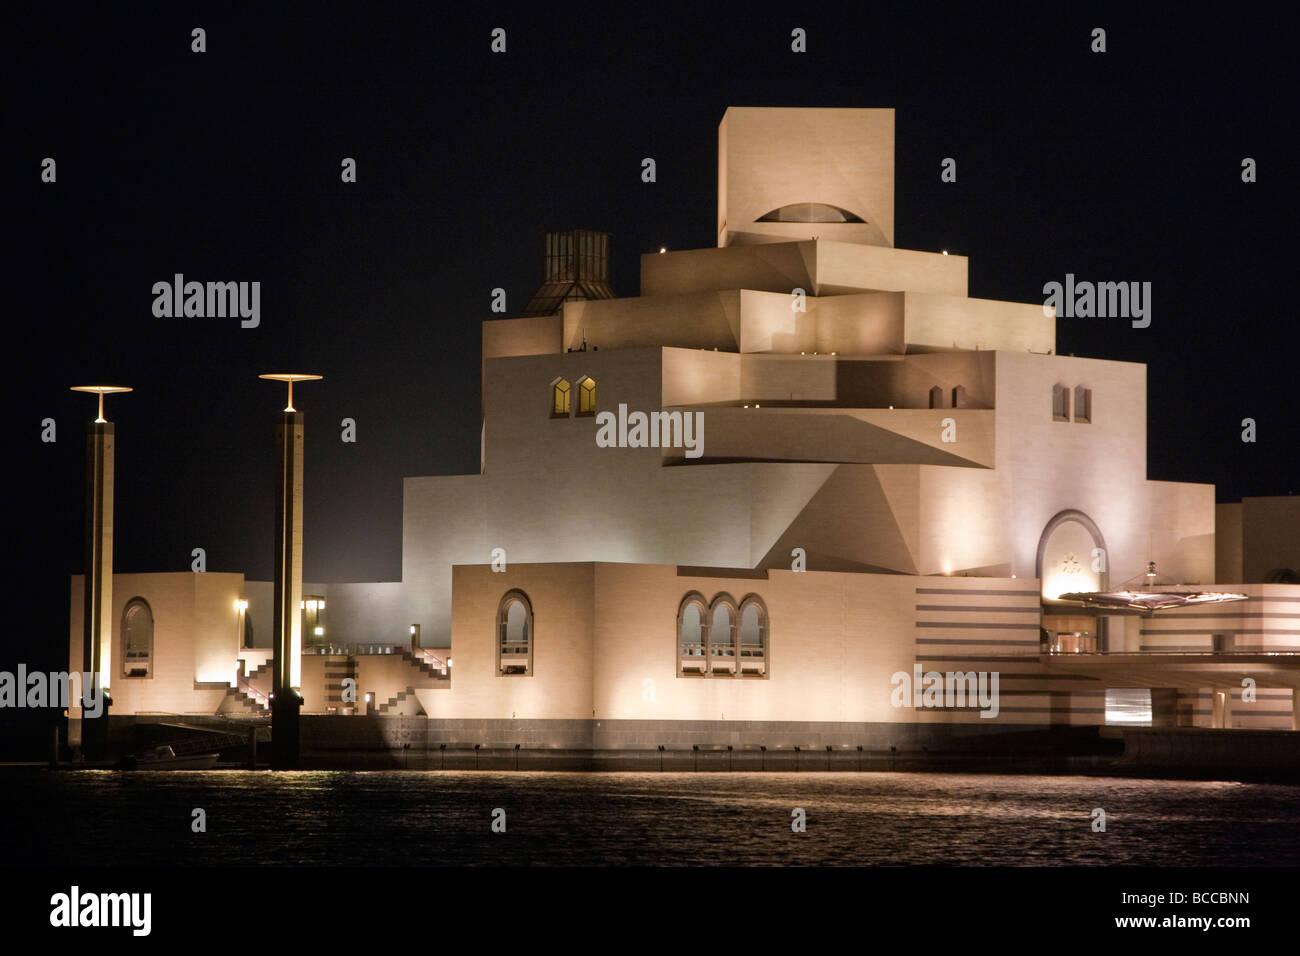 Doha, Qatar.  Museum of Islamic Art, Night View. - Stock Image